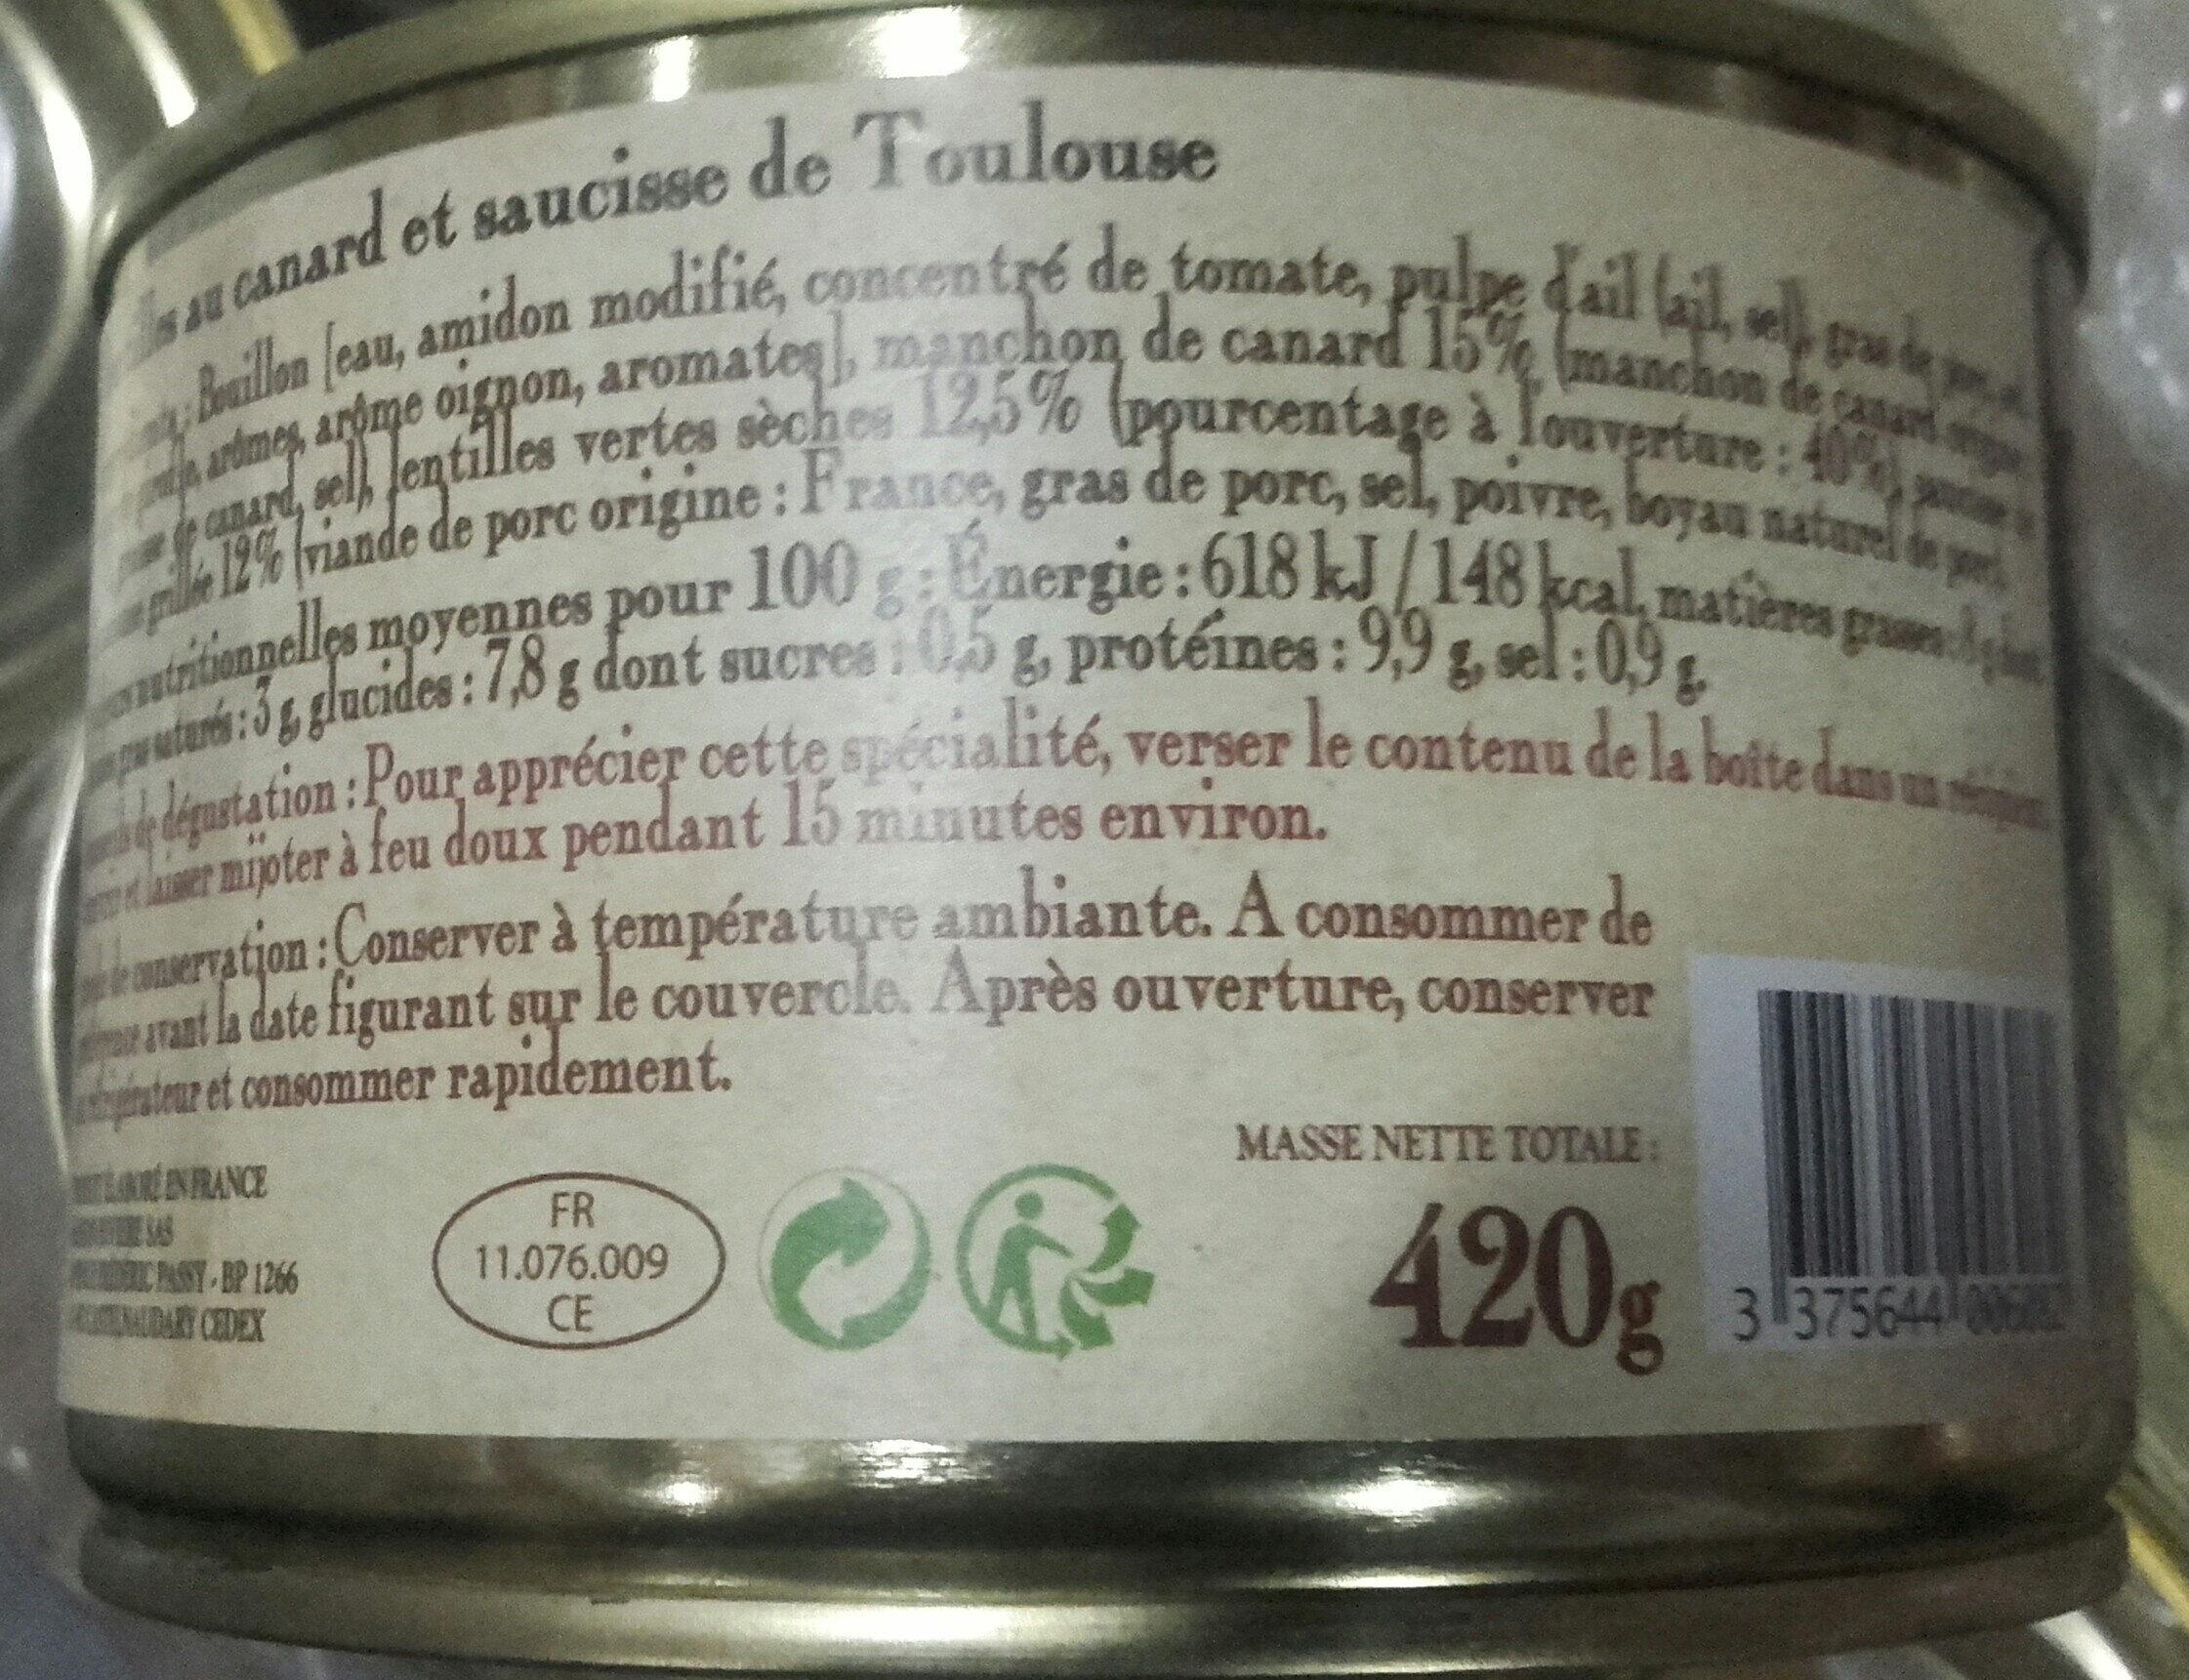 les lentilles au canard et saucisse de Toulouse, boîte 1/2 - Ingredients